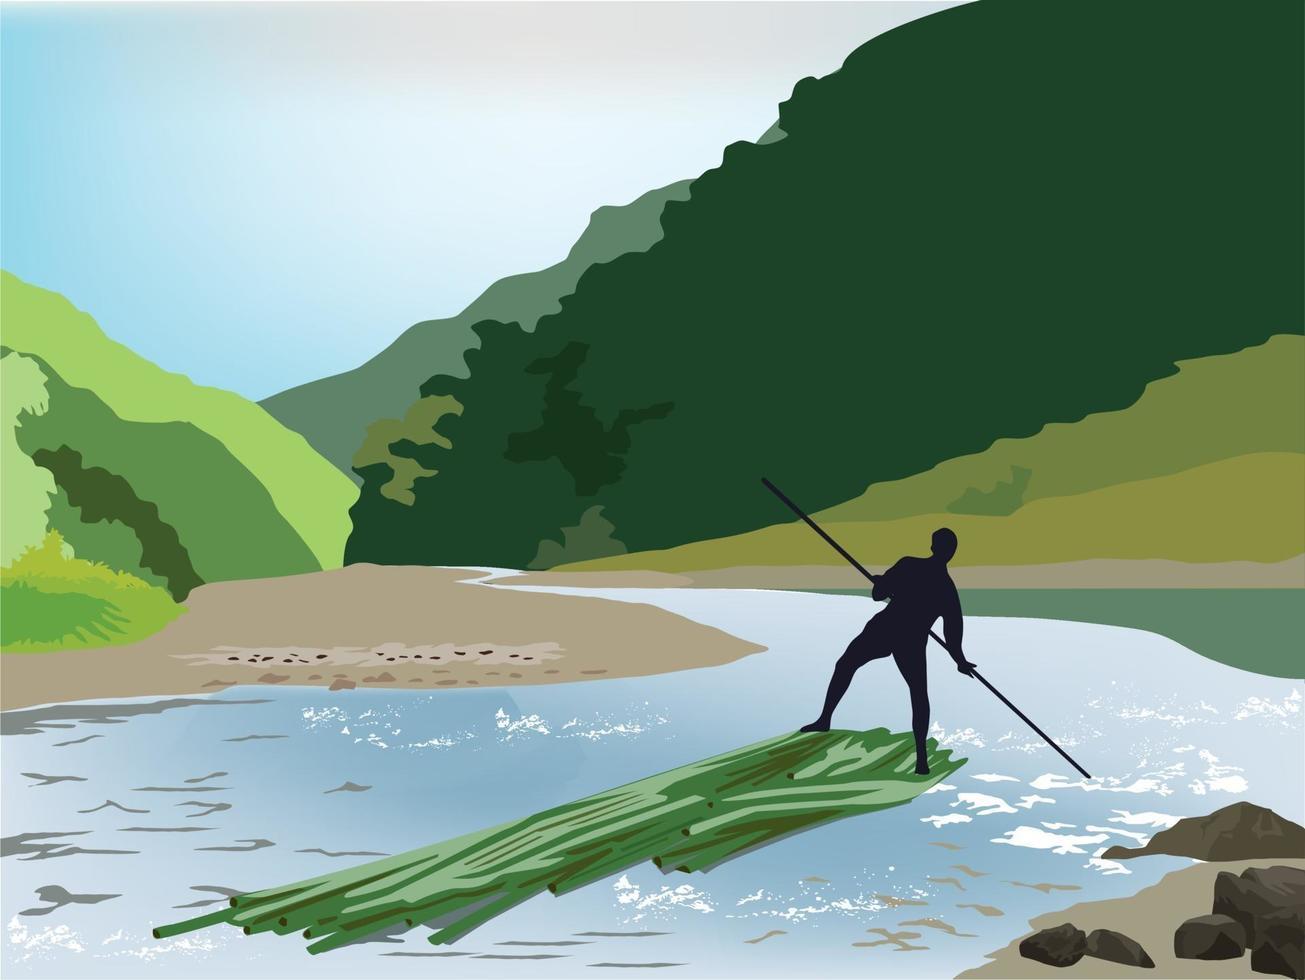 bambù rafting sul grafico illustrazione vettoriale